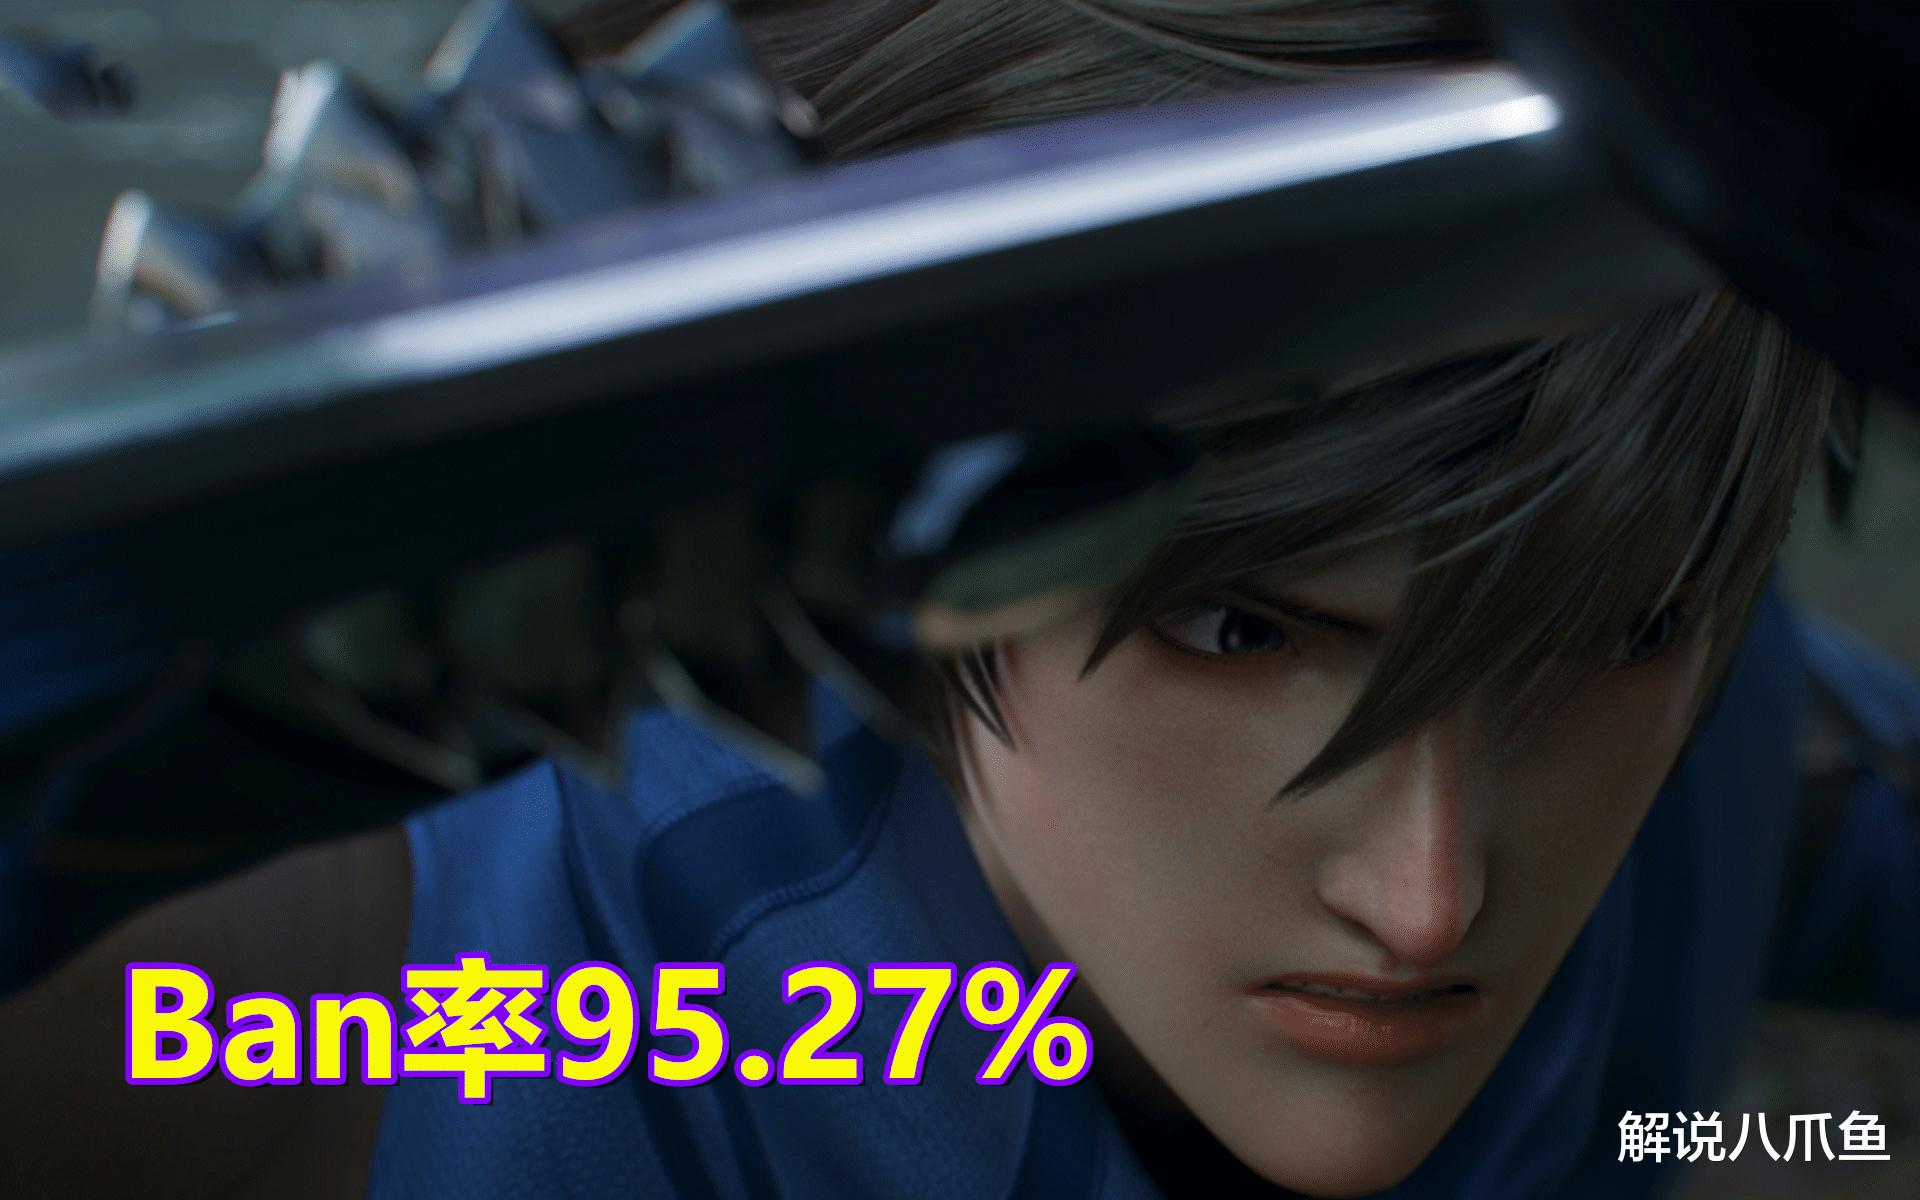 《【煜星娱乐测速登录】王者荣耀:99.67%的BP率,史上最强英雄出现,这还不调整?》